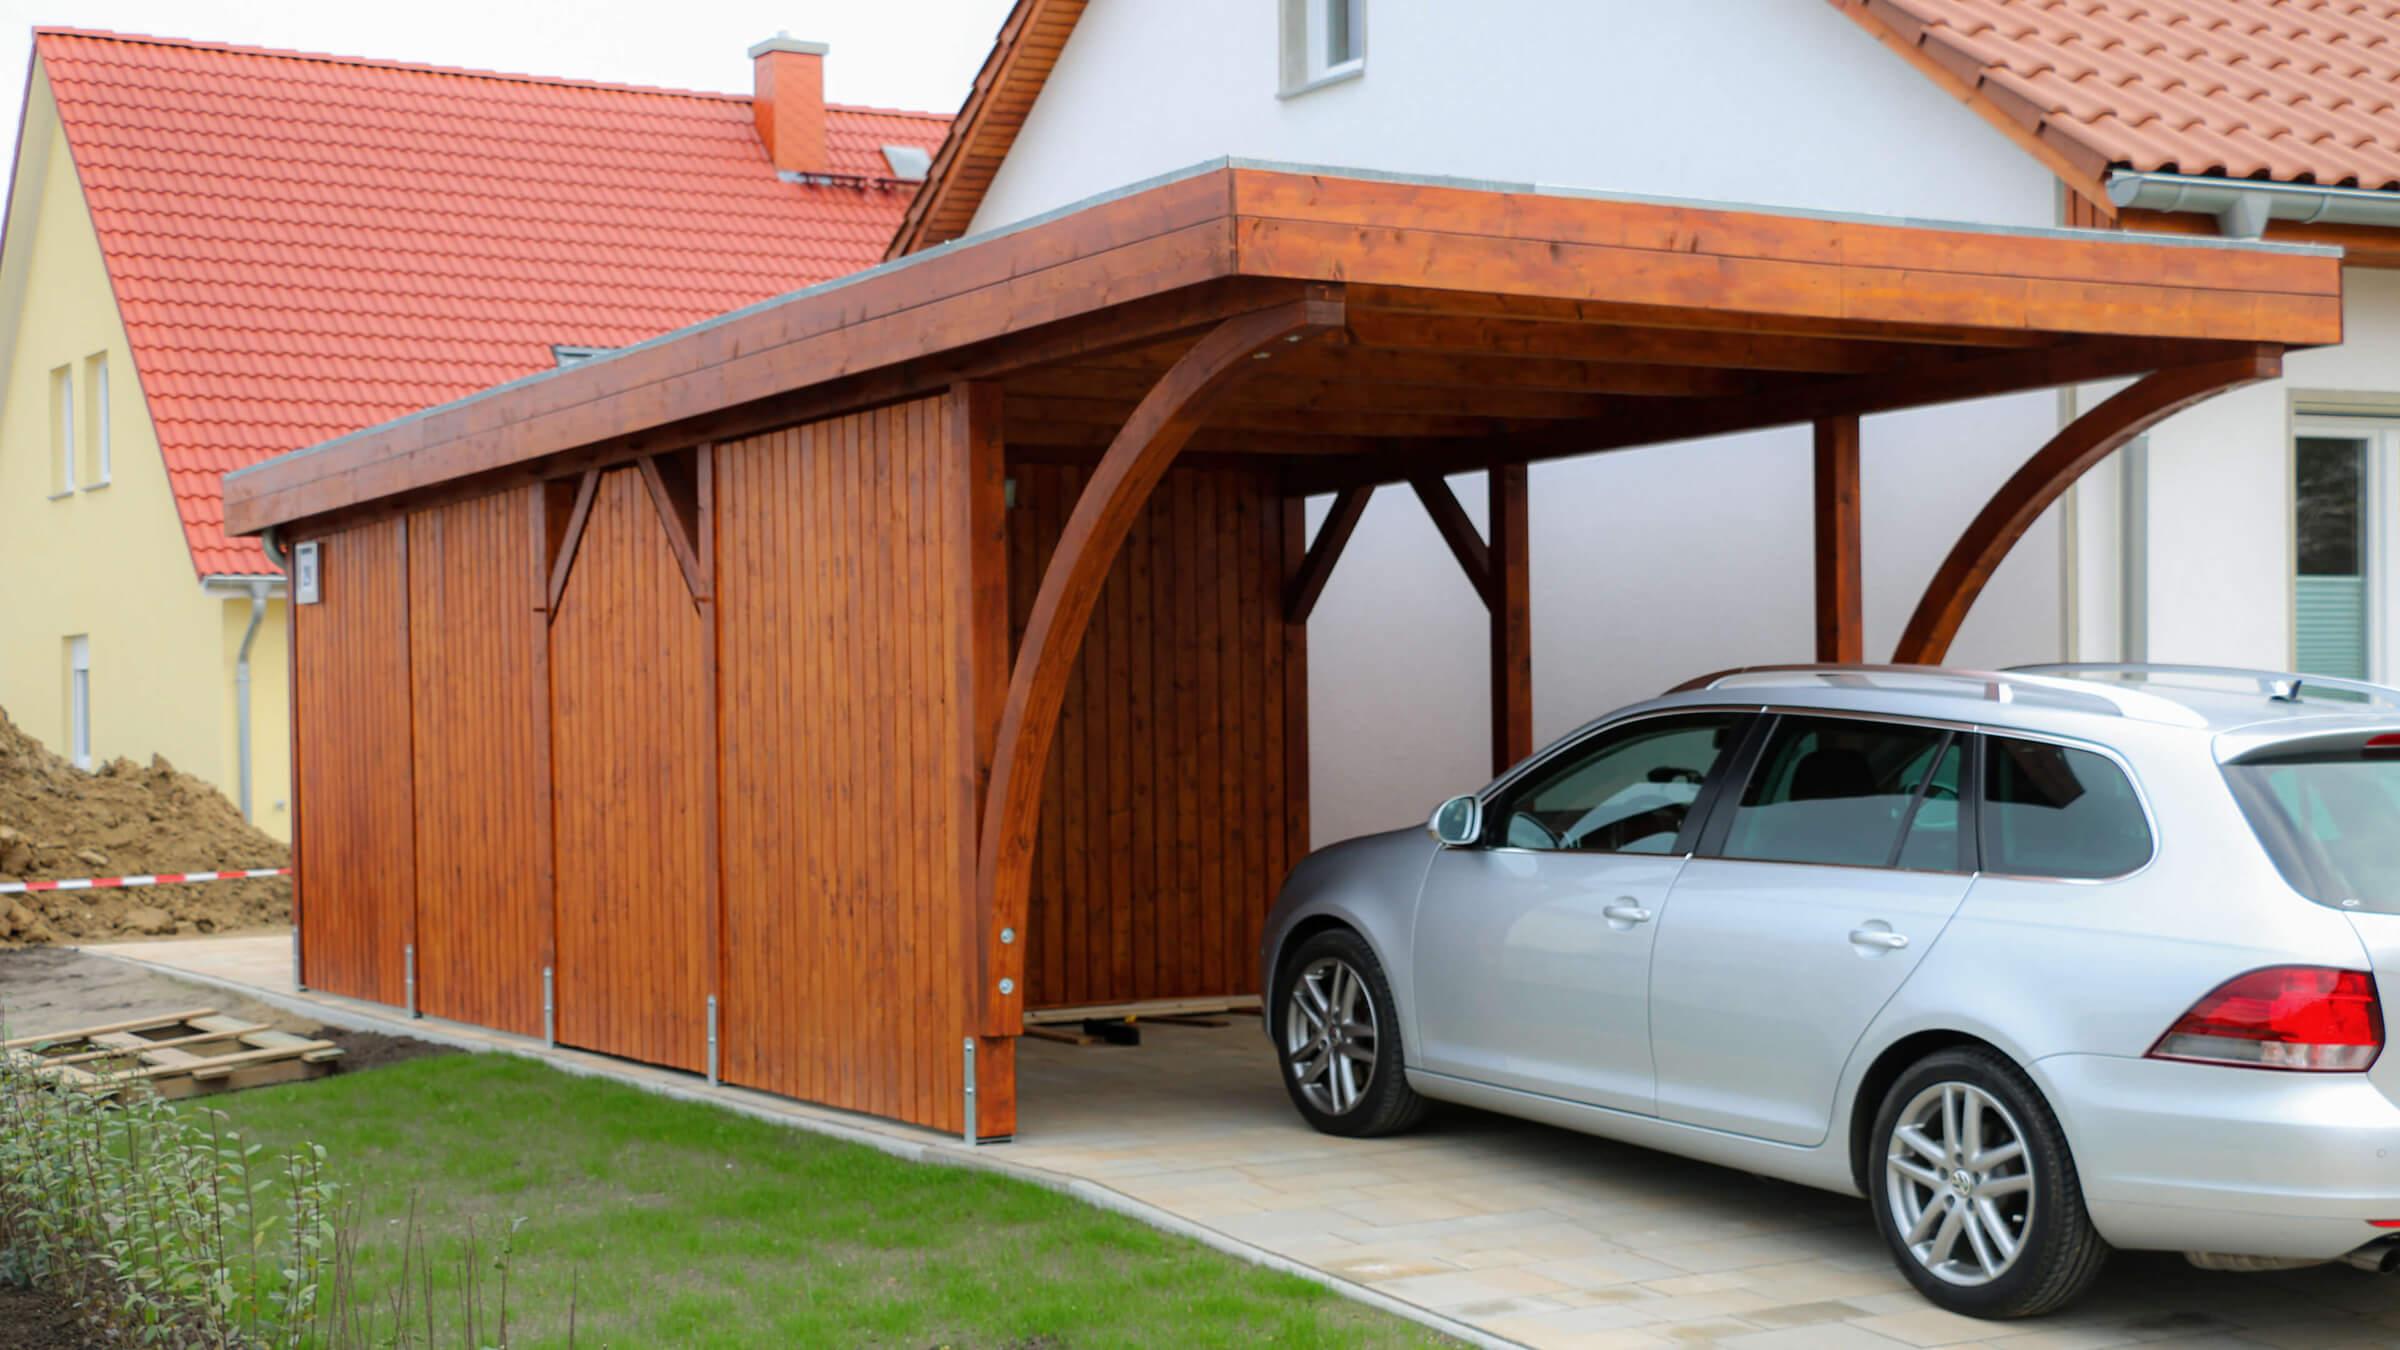 Carport De Holz Carports Nach Mass Terrassendacher